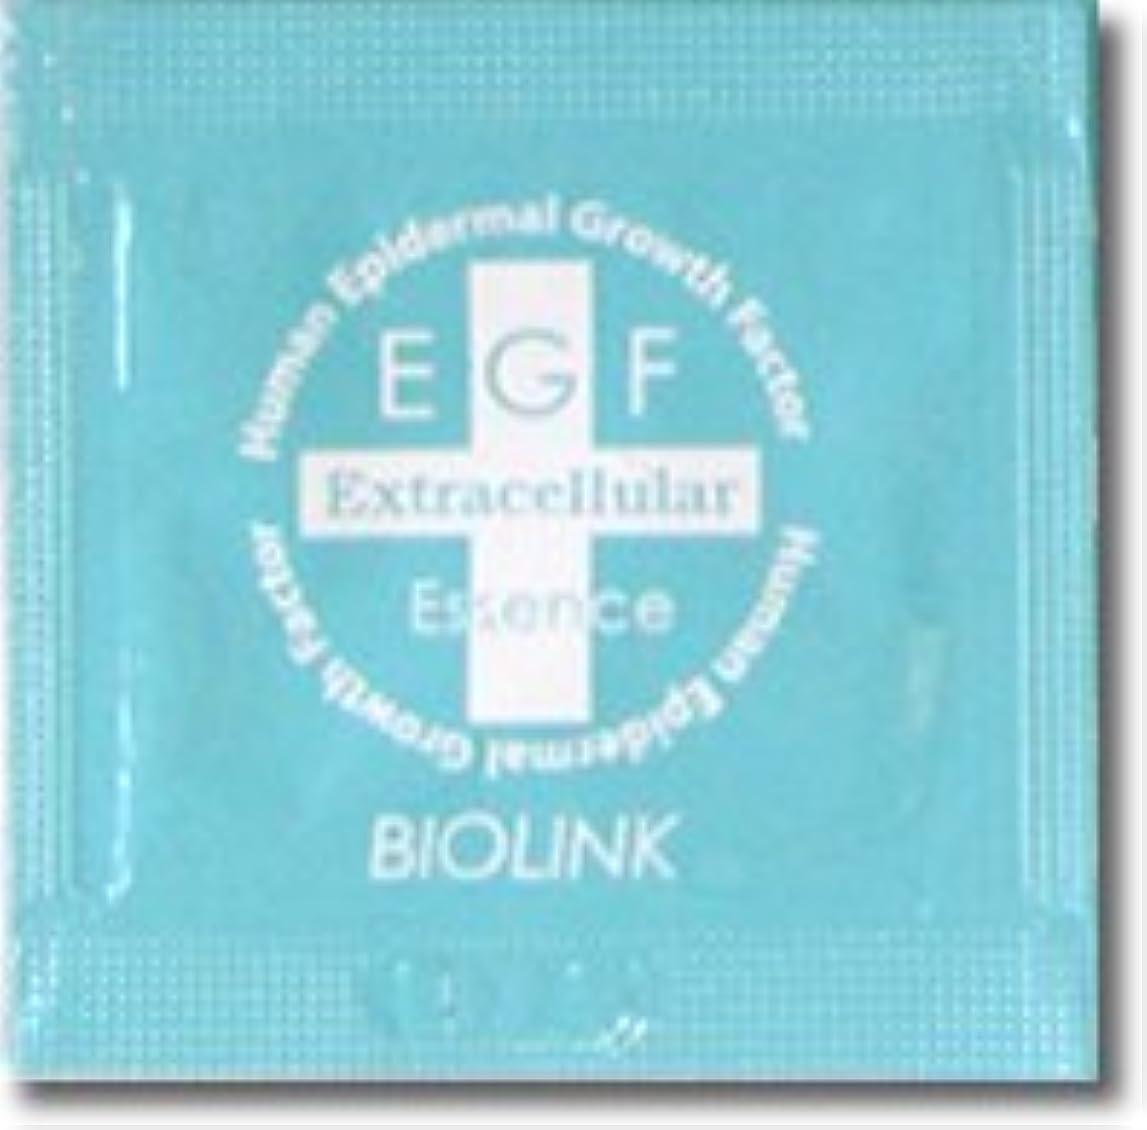 イディオム第四ルネッサンスバイオリンク EGF エクストラエッセンス 分包 100個+10個おまけ付きセット